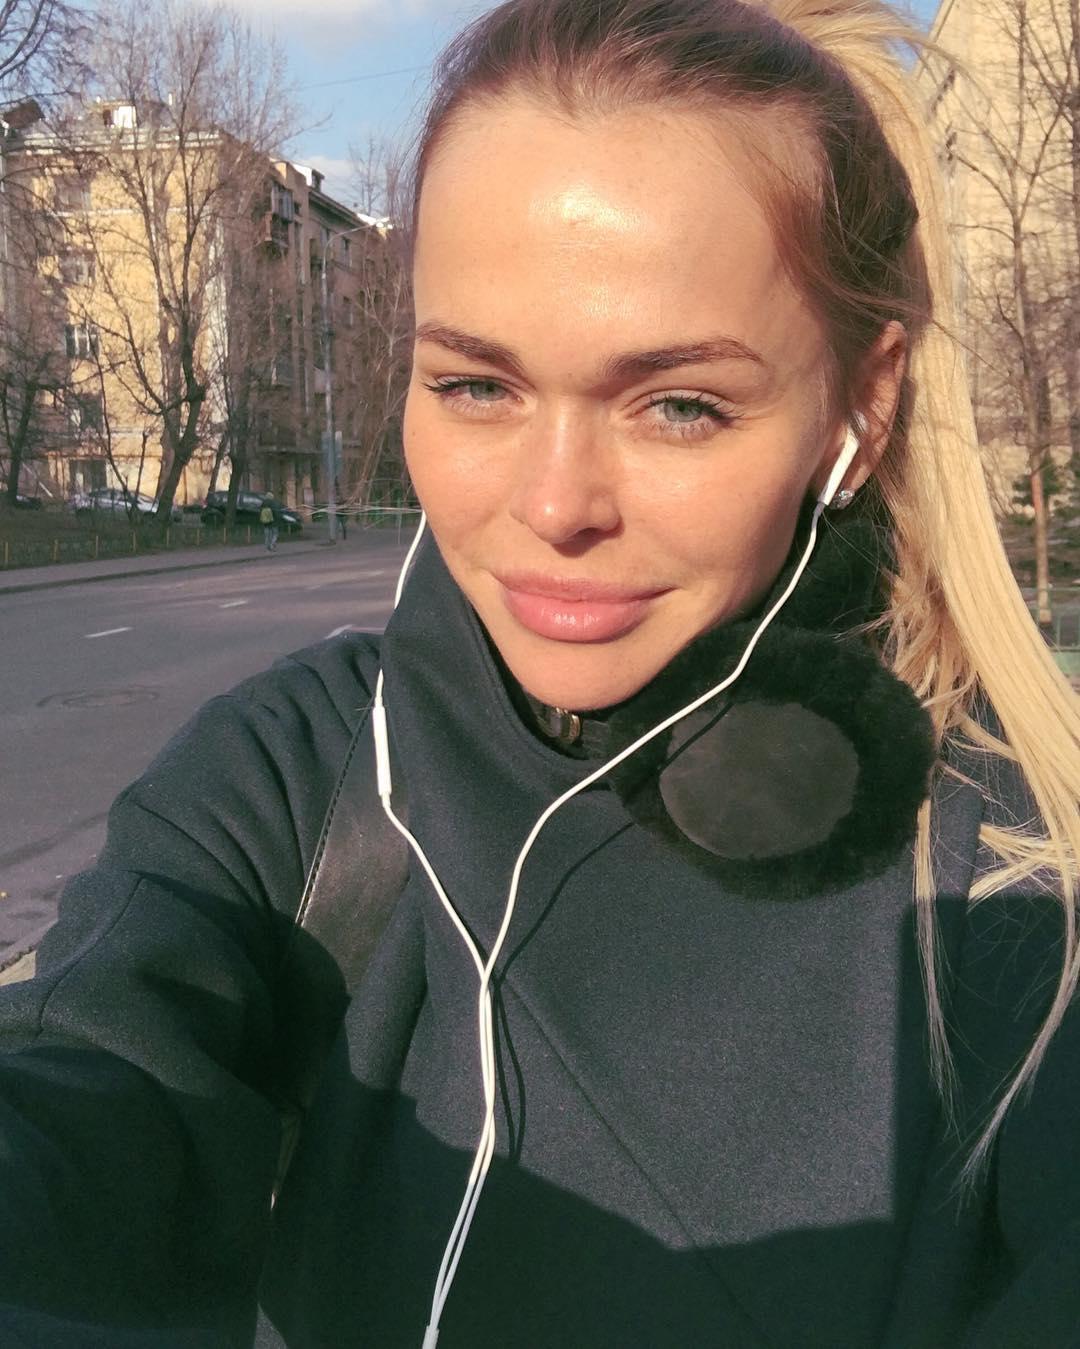 Фотографии российских знаменитостей без макияжа 9 фотография